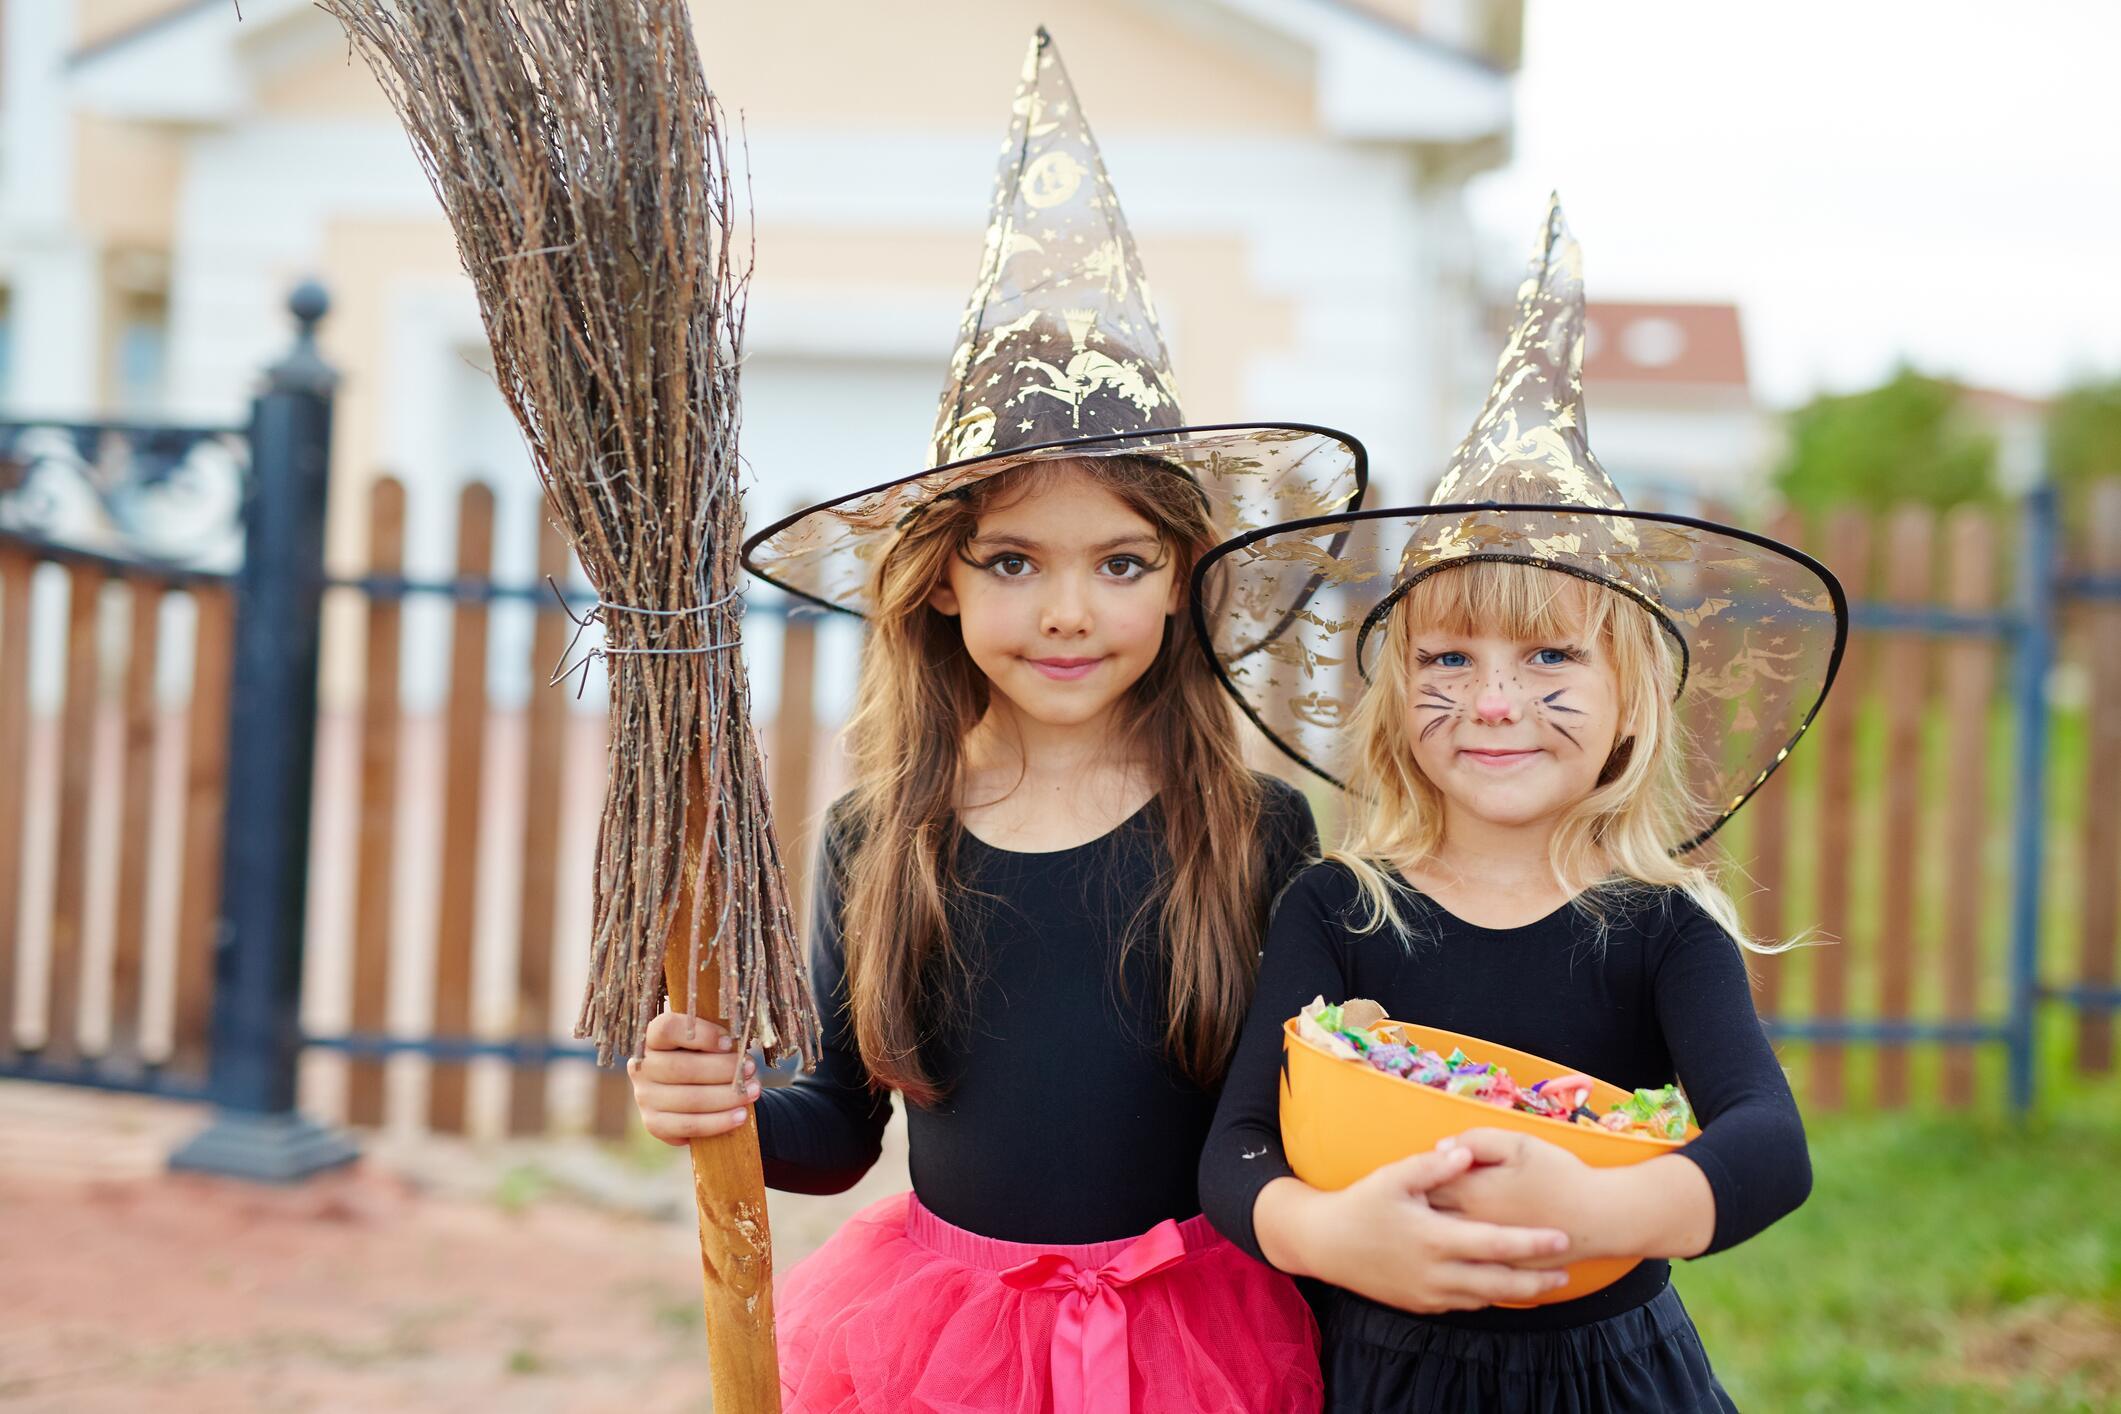 Tolle Halloween Kostüme Für Kinder Damen Und Herren Webde